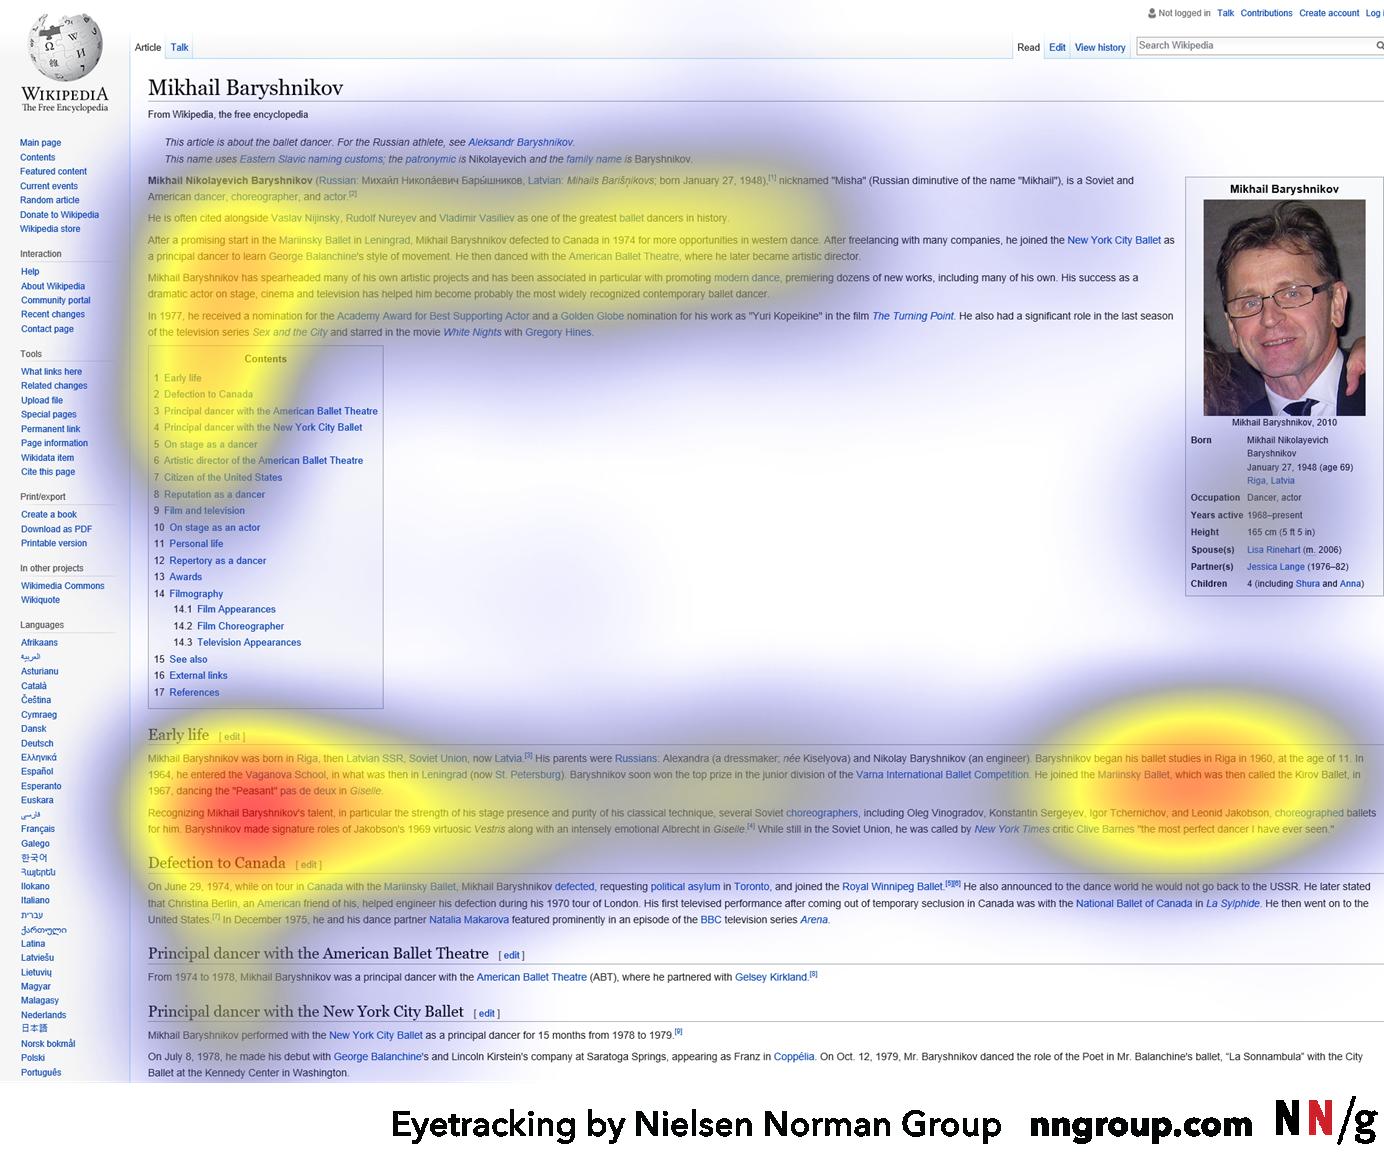 アイトラッキング調査の結果は、ユーザーがページをスキャンする際に3つのホットスポットに焦点を合わせていることを示した。